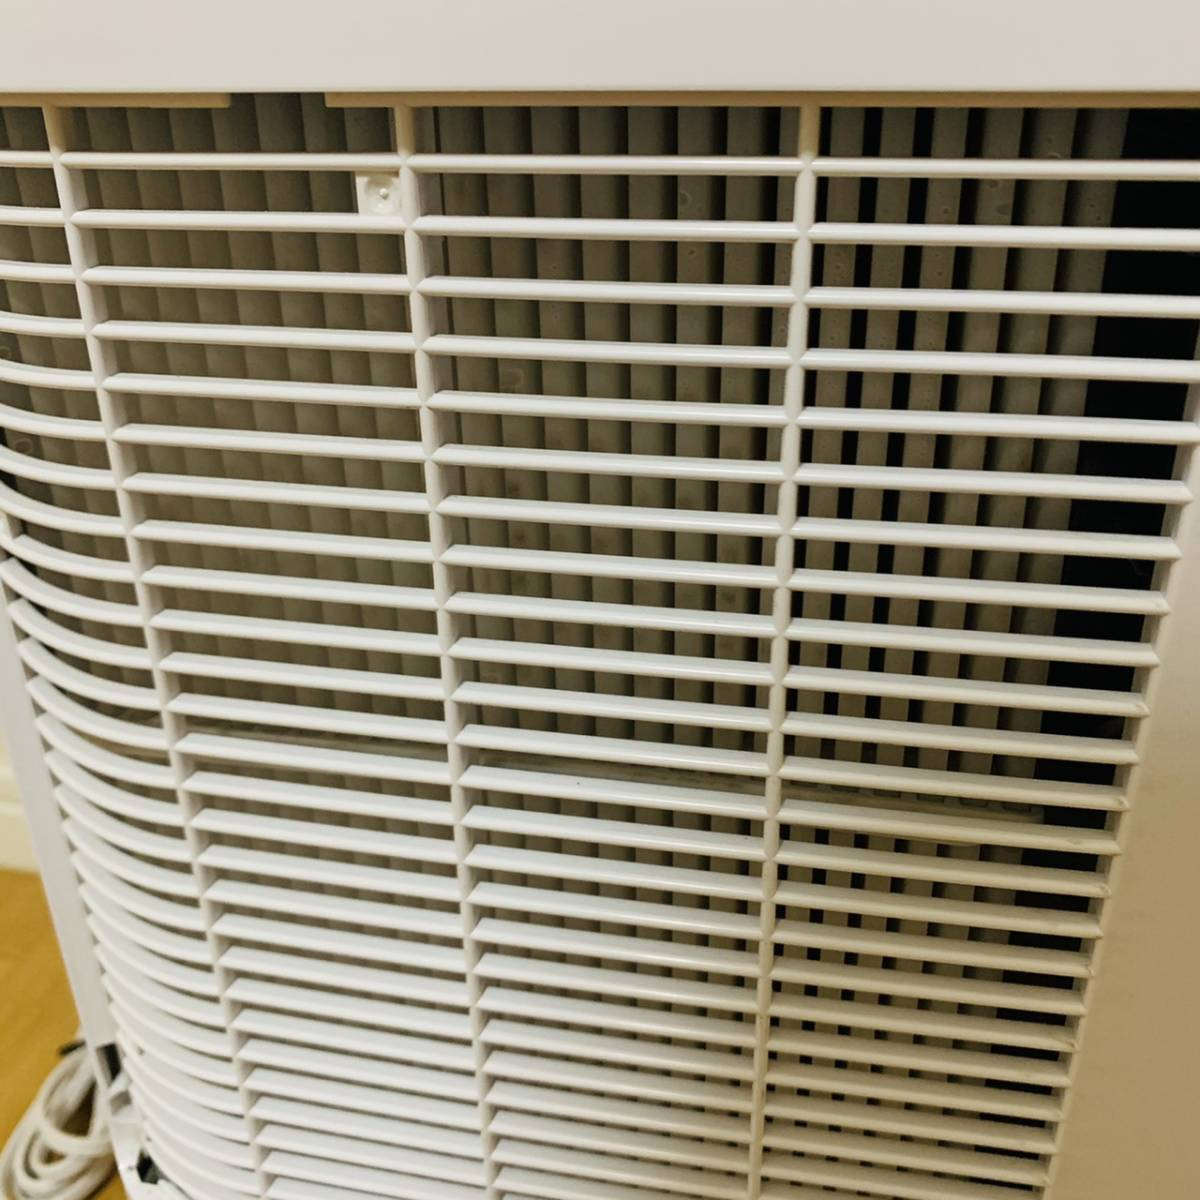 美品! アイリスオーヤマ IJD-I50 衣類乾燥除湿機 スピード乾燥 サーキュレーター機能付 デシカント式 ホワイト 扇風機 衣類乾燥機 送風_画像7